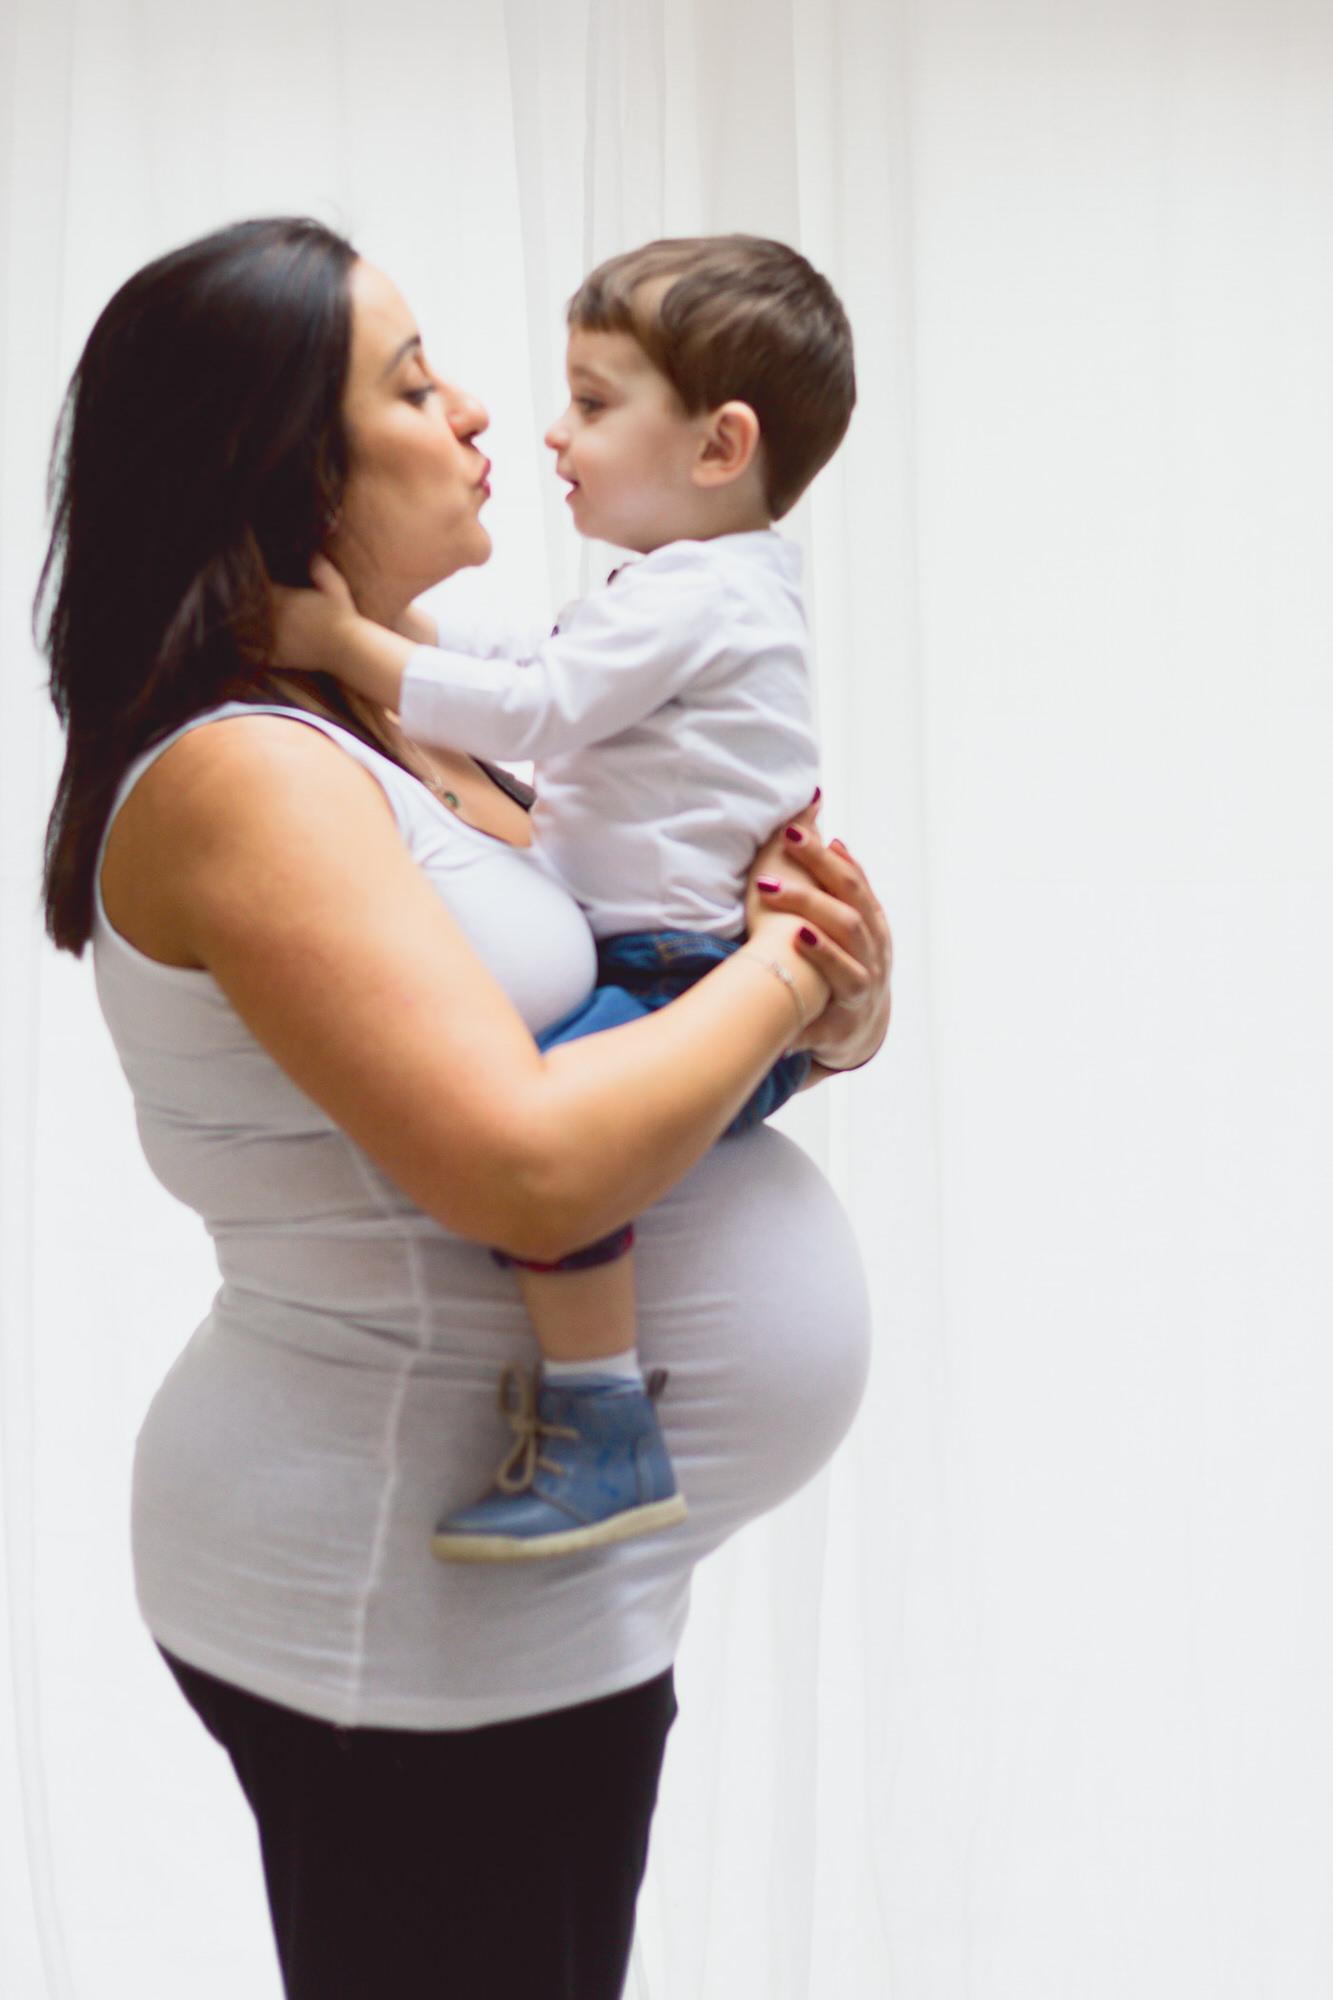 Pregnant Mum and child